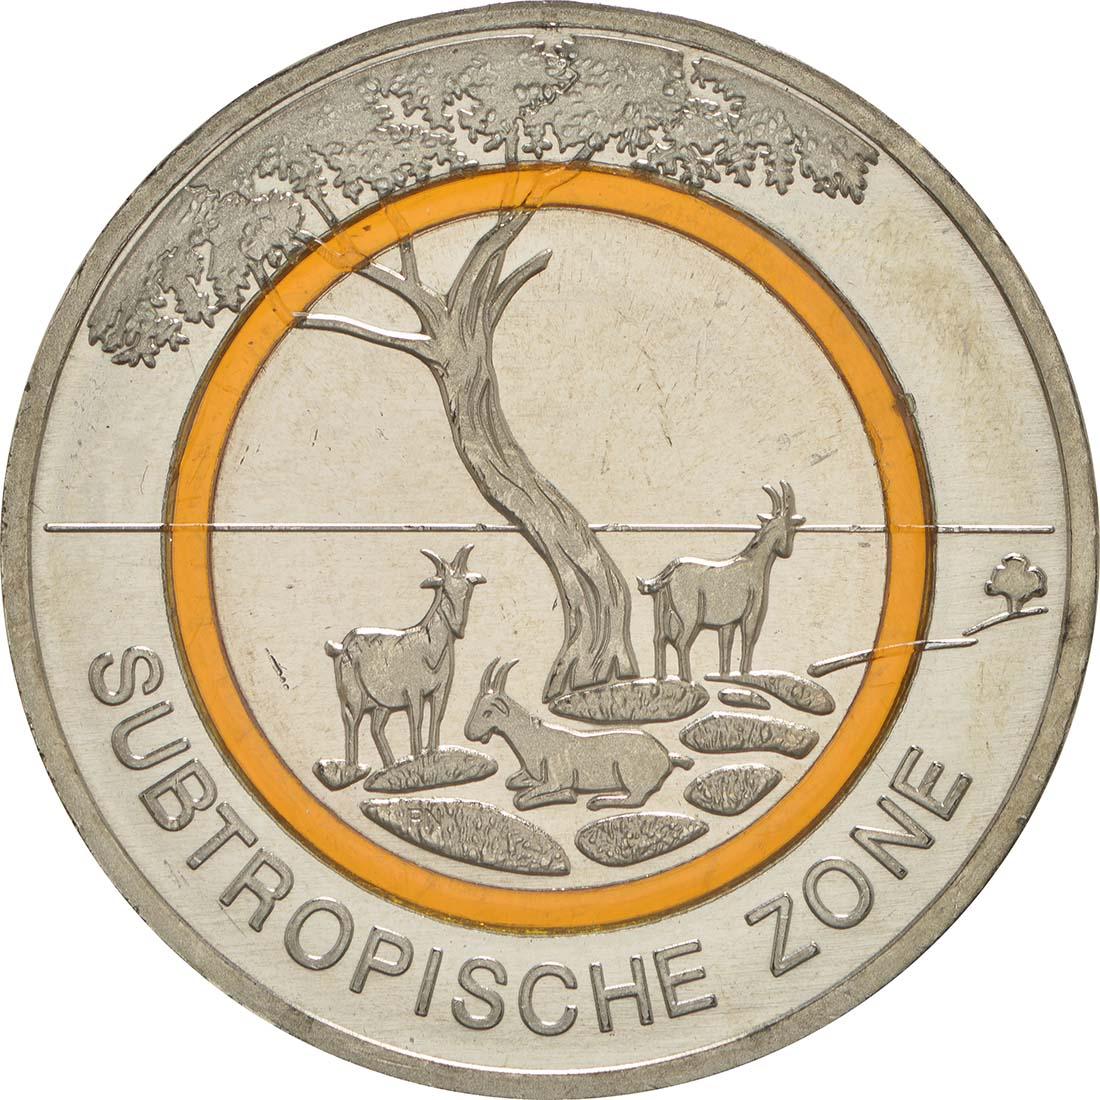 5 Euro Münze Subtropische Zone 2018 Münzenhandlung Tobias Honscha